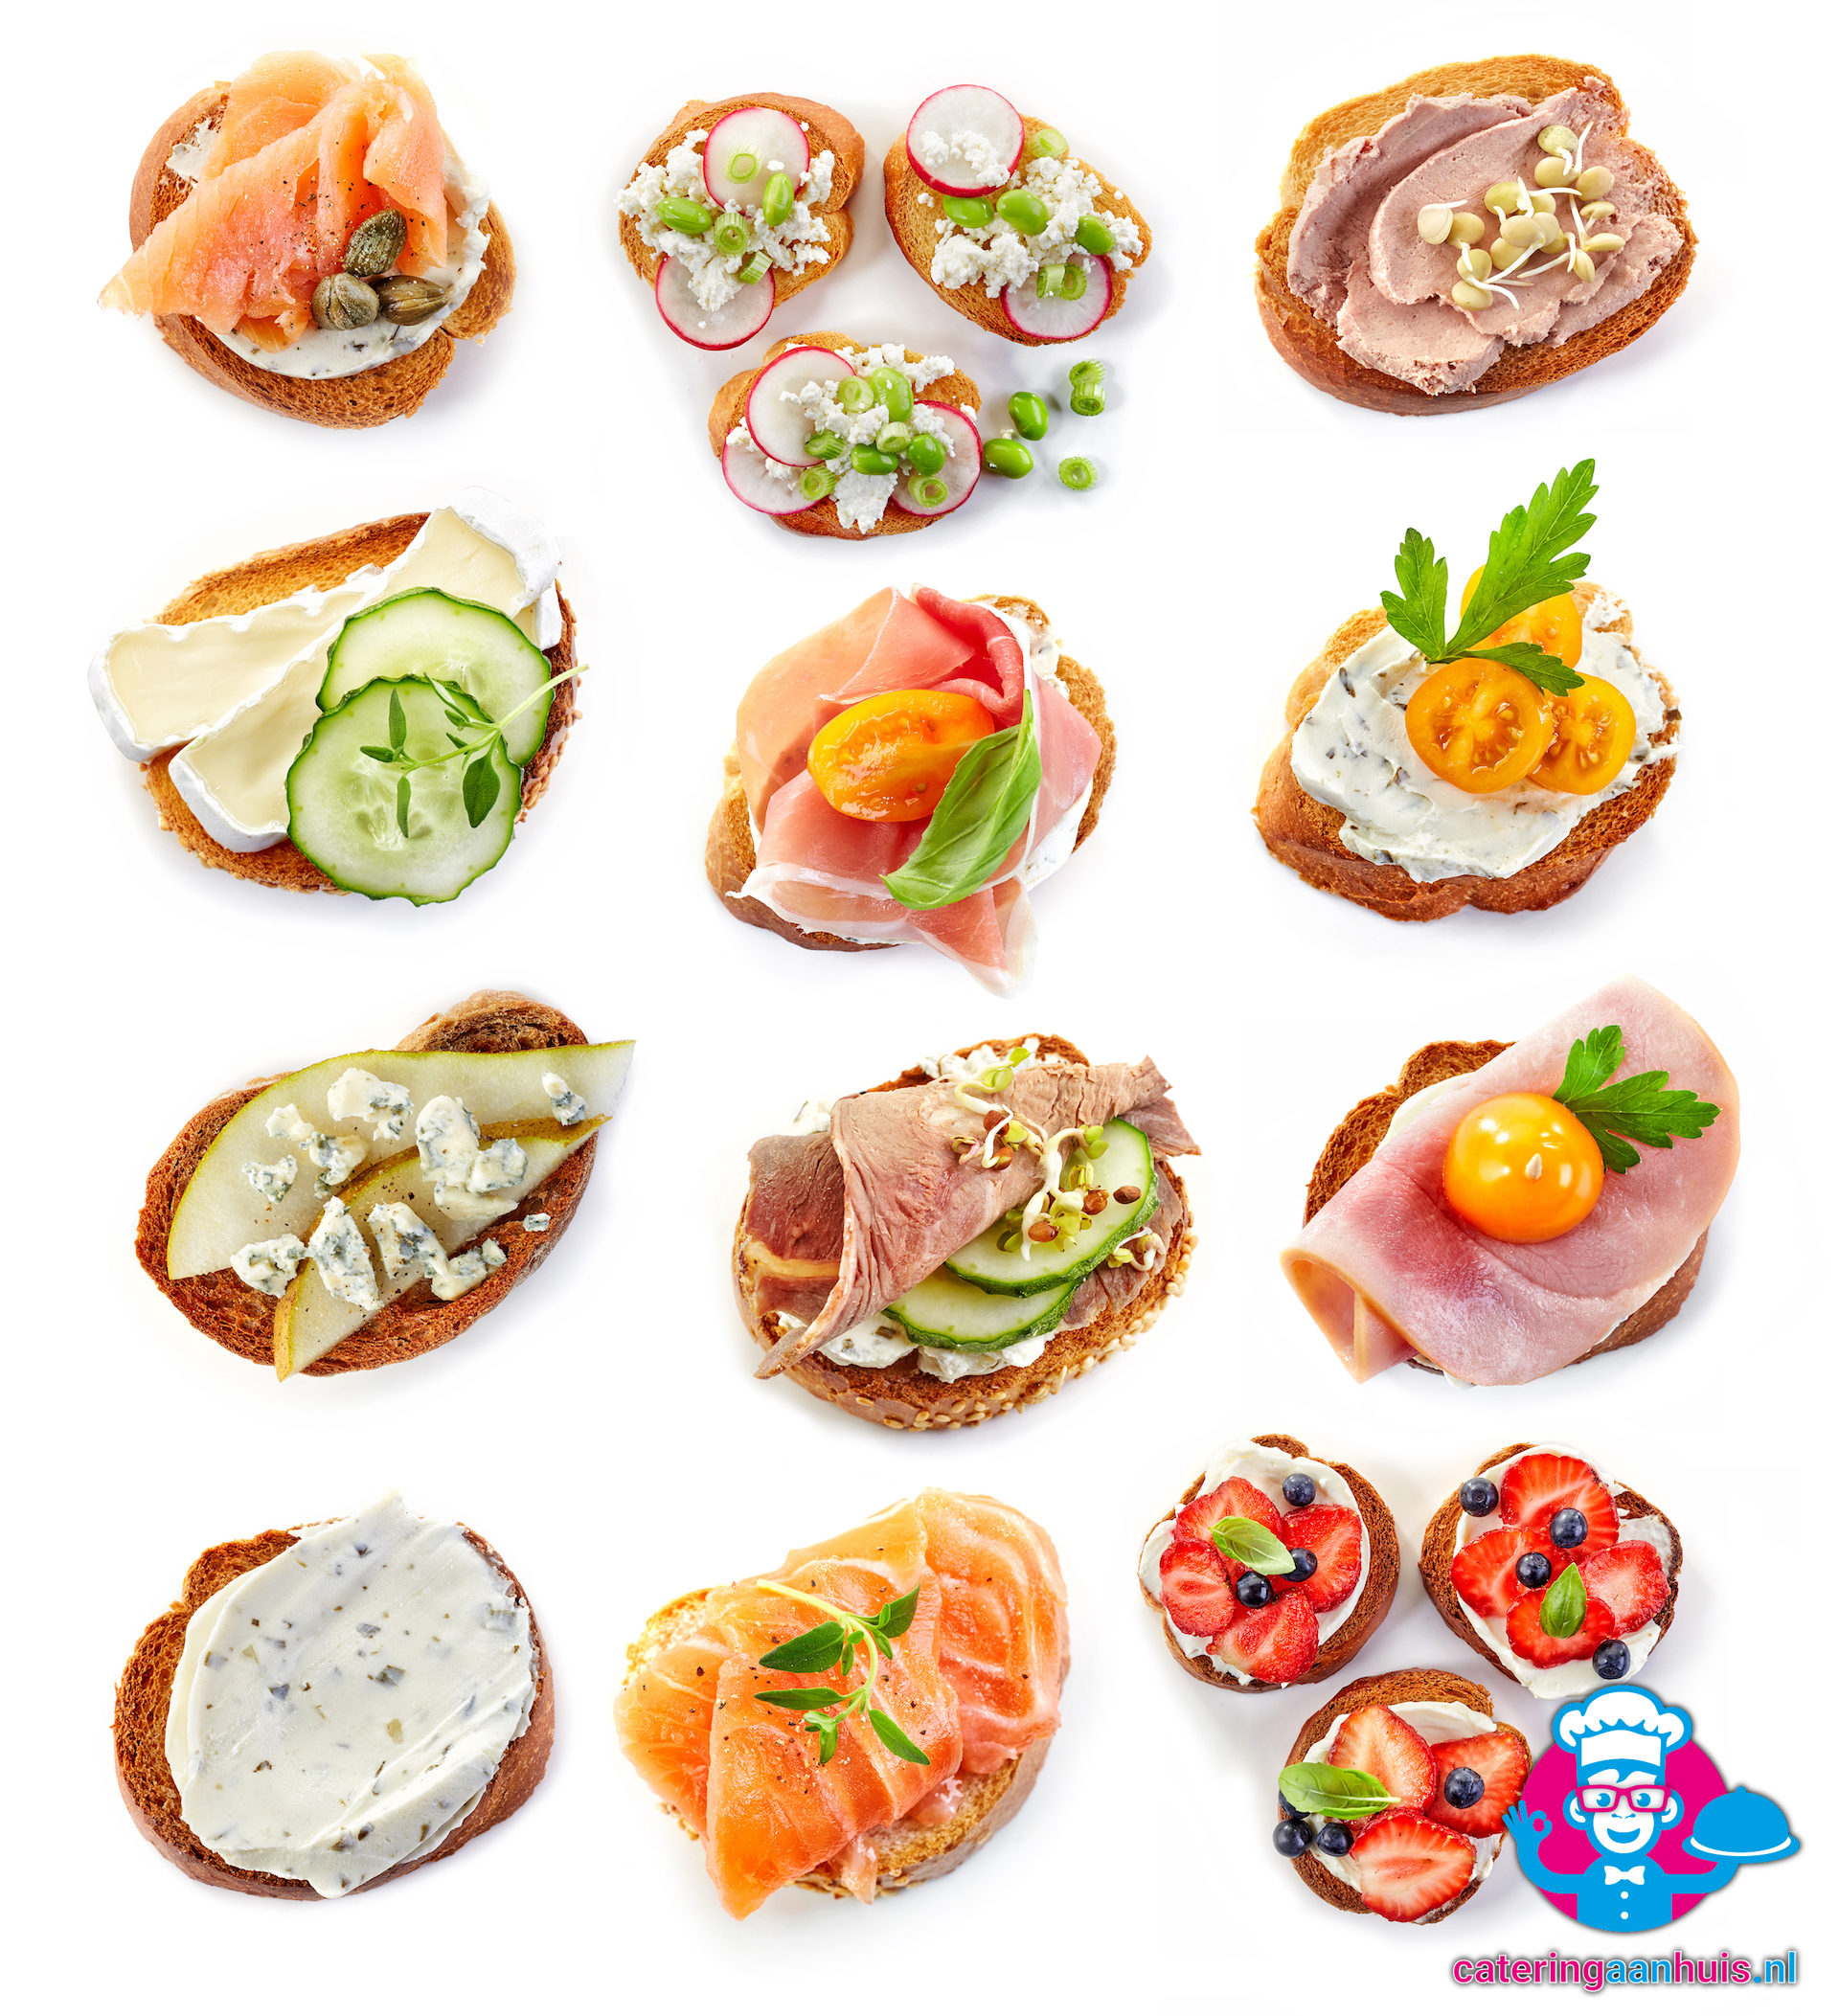 Extreem Makkelijke hapjes ⋆ Catering aan huis ⋆ Catering Aan Huis .NL &DY76